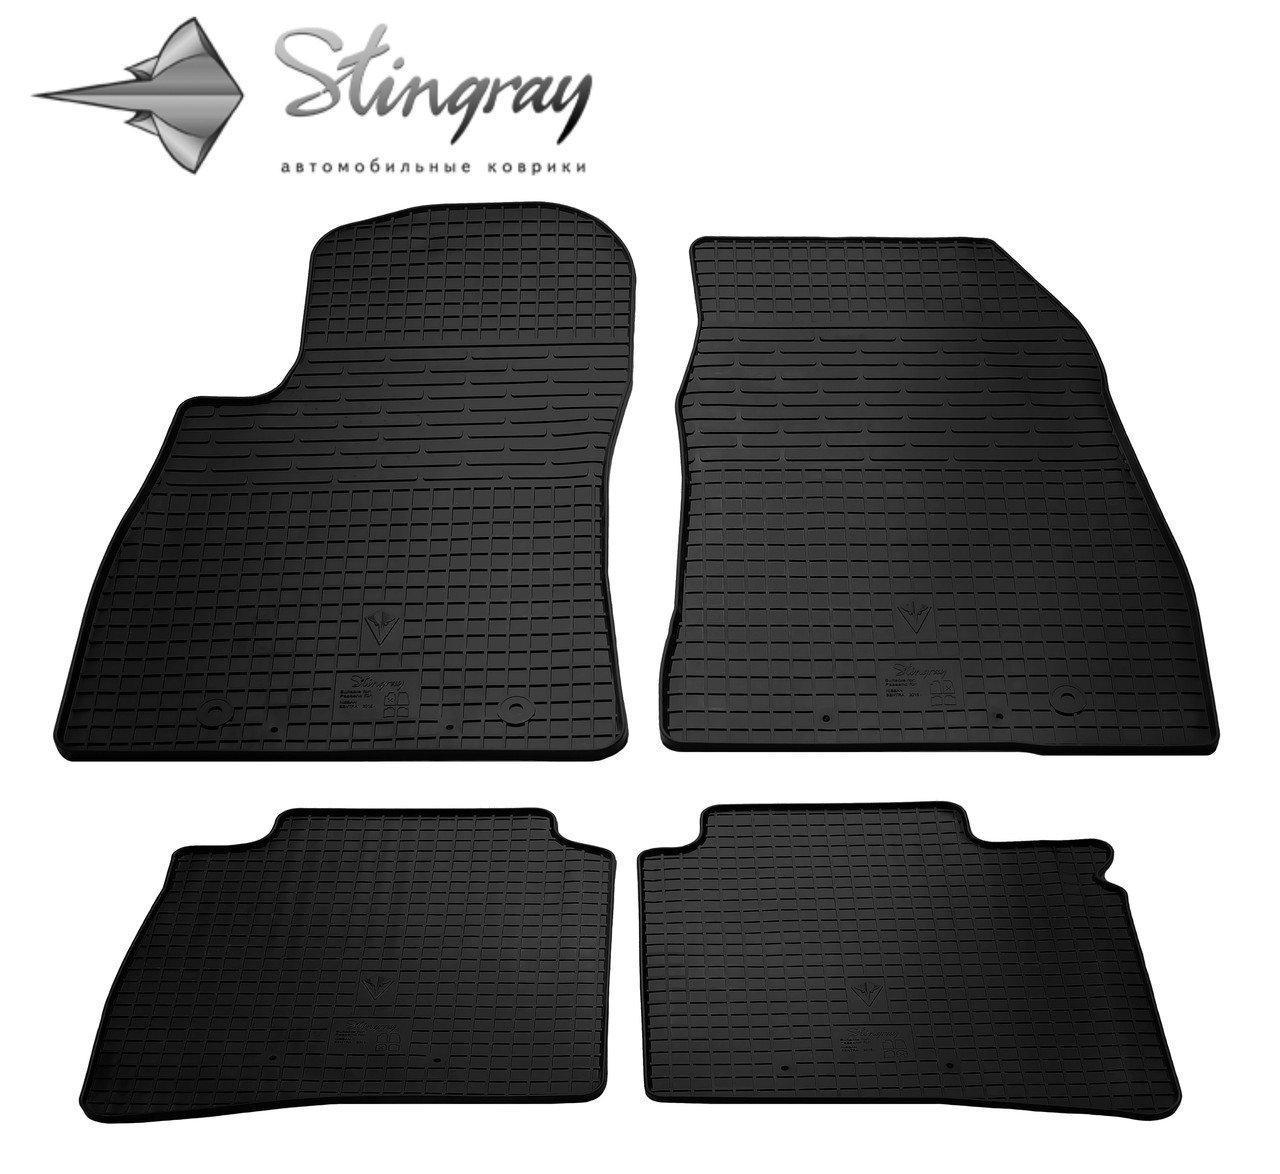 Автомобільні килимки на Nissan Sentra B17 2015 - Stingray